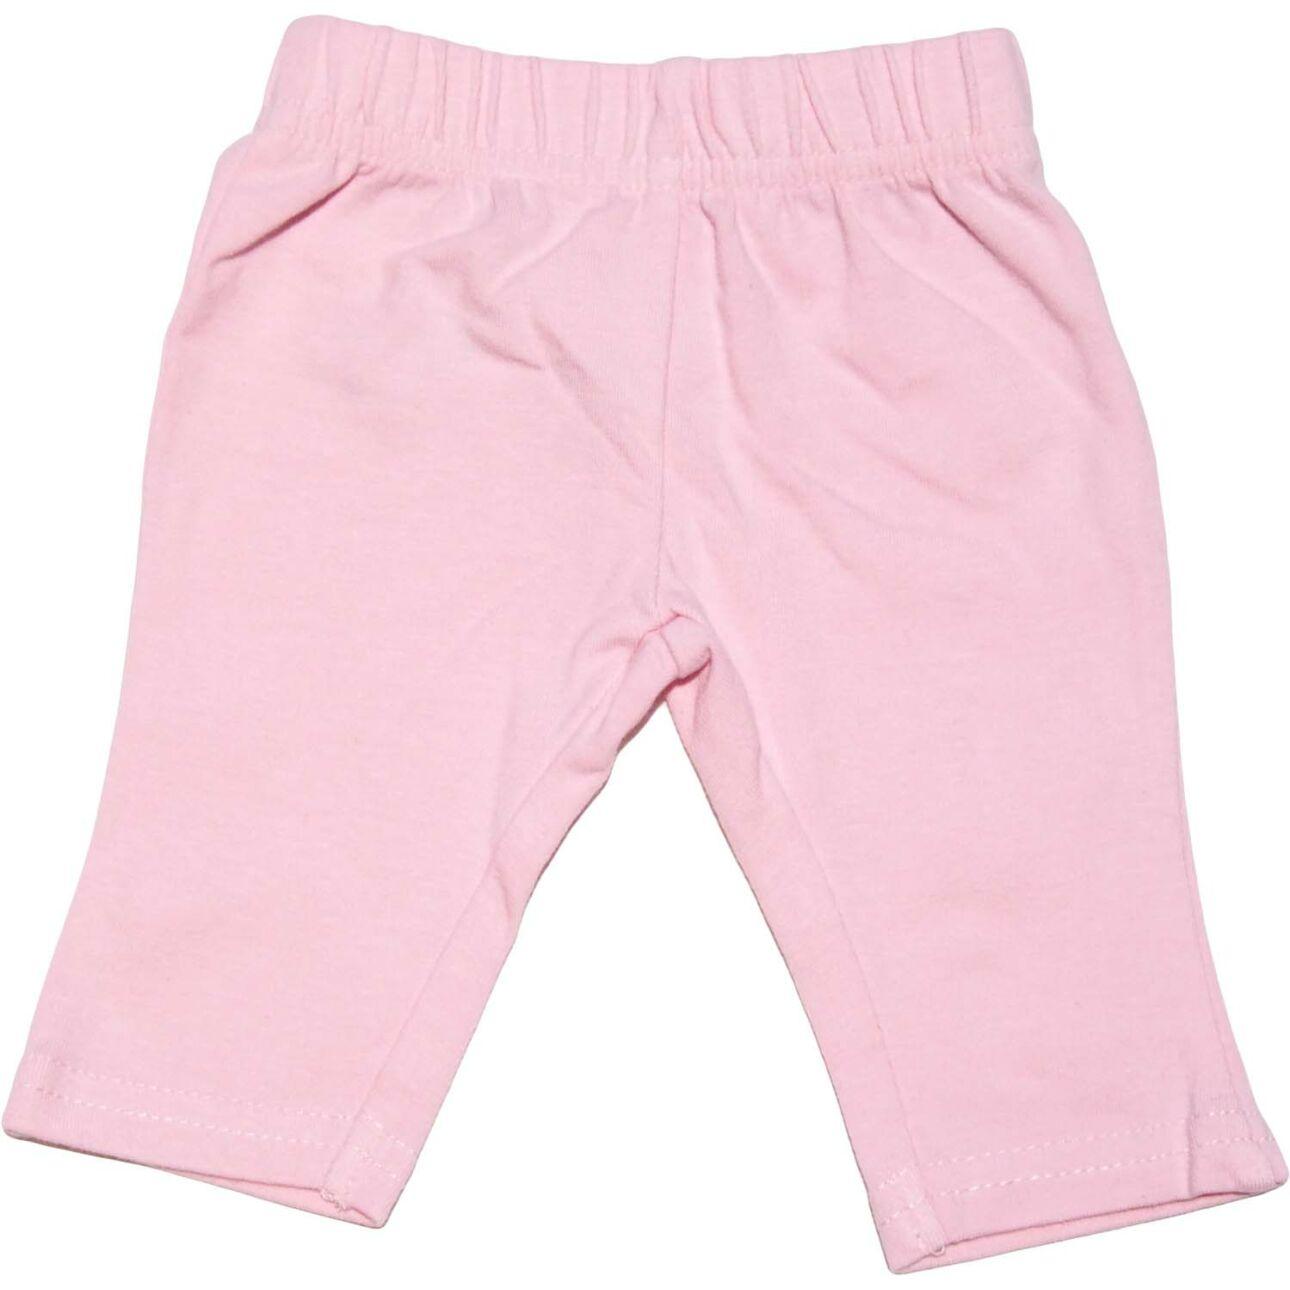 Rózsaszín nadrág (44)